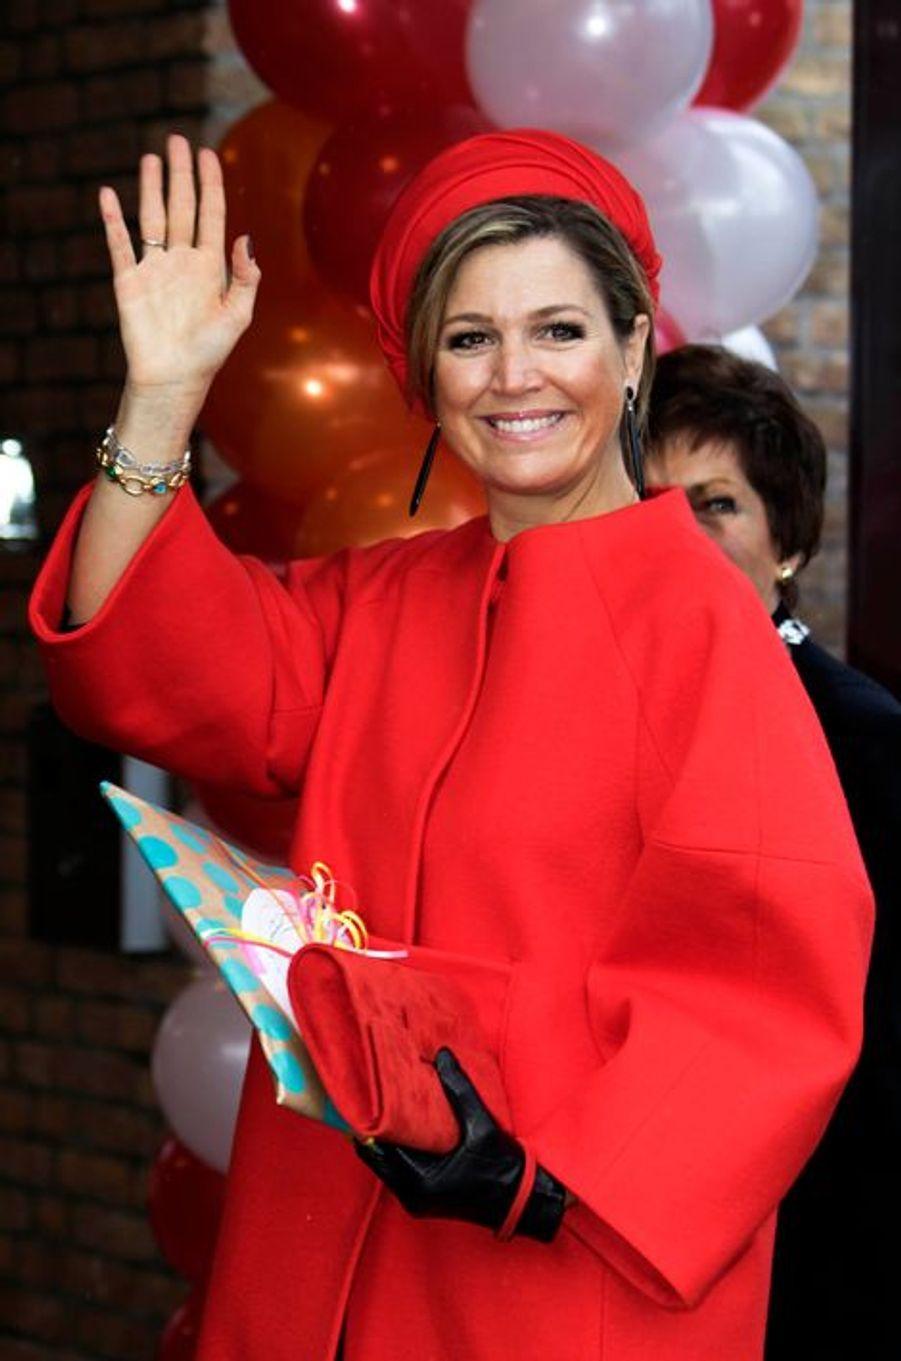 La reine Maxima remet un prix à un centre d'accueil pour enfants à Goirle, le 3 février 2015